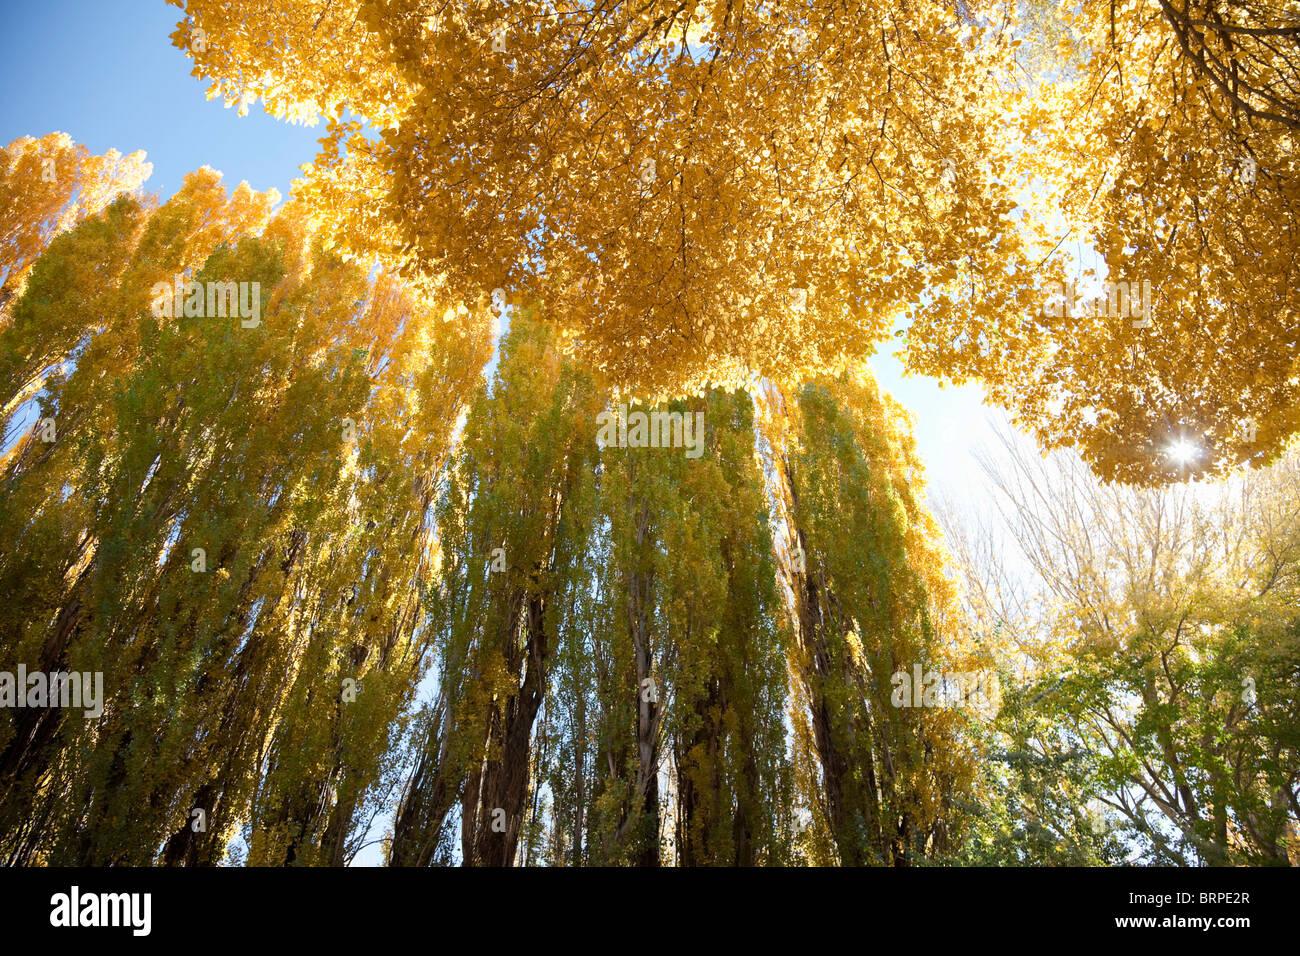 Estacionalmente árboles de color amarillo Imagen De Stock